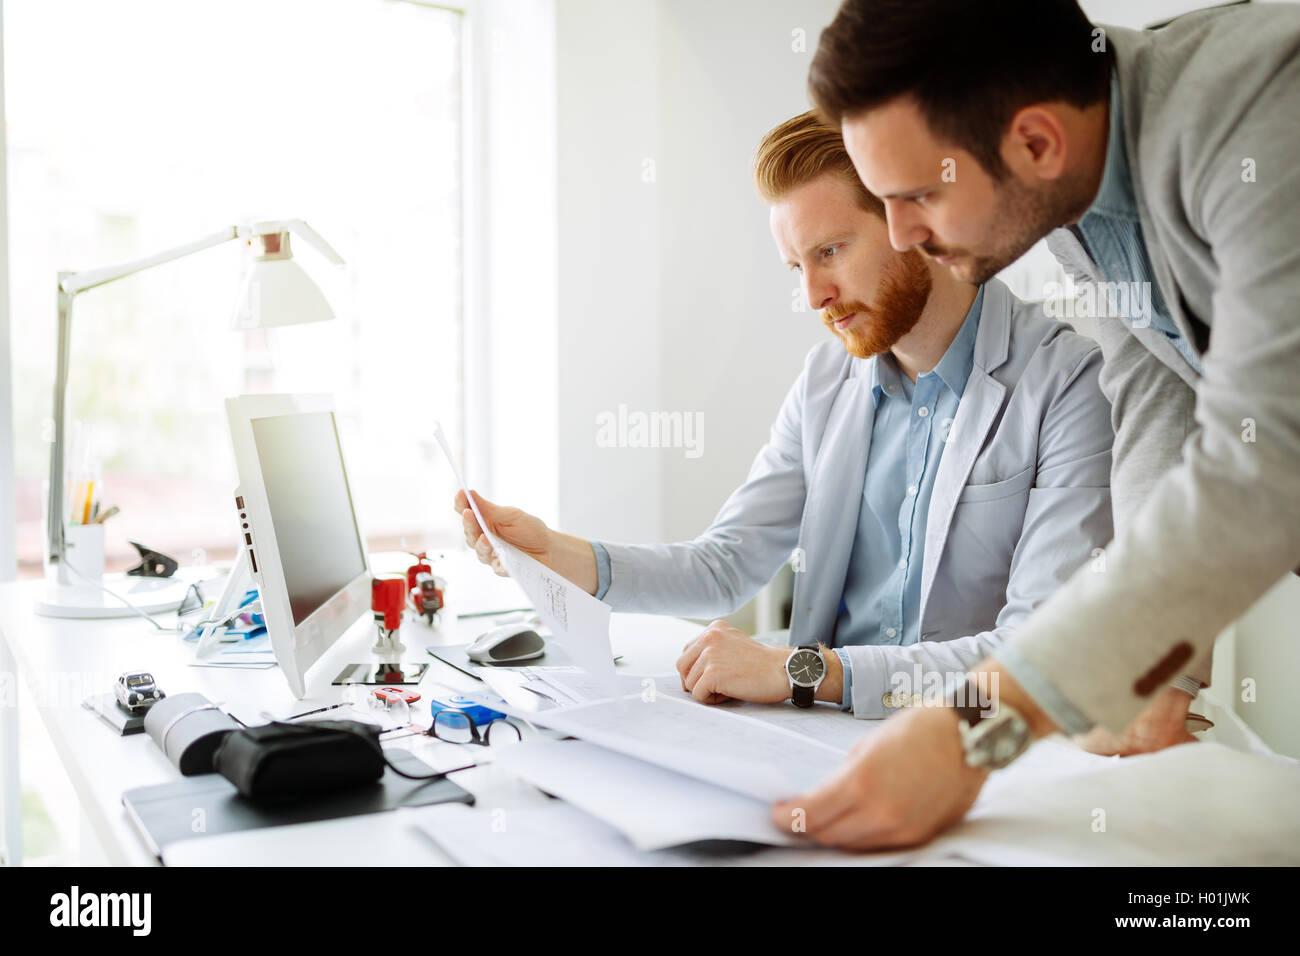 Beste Job Ziel Bilder - Bilder für das Lebenslauf-Arbeitsblatt ...